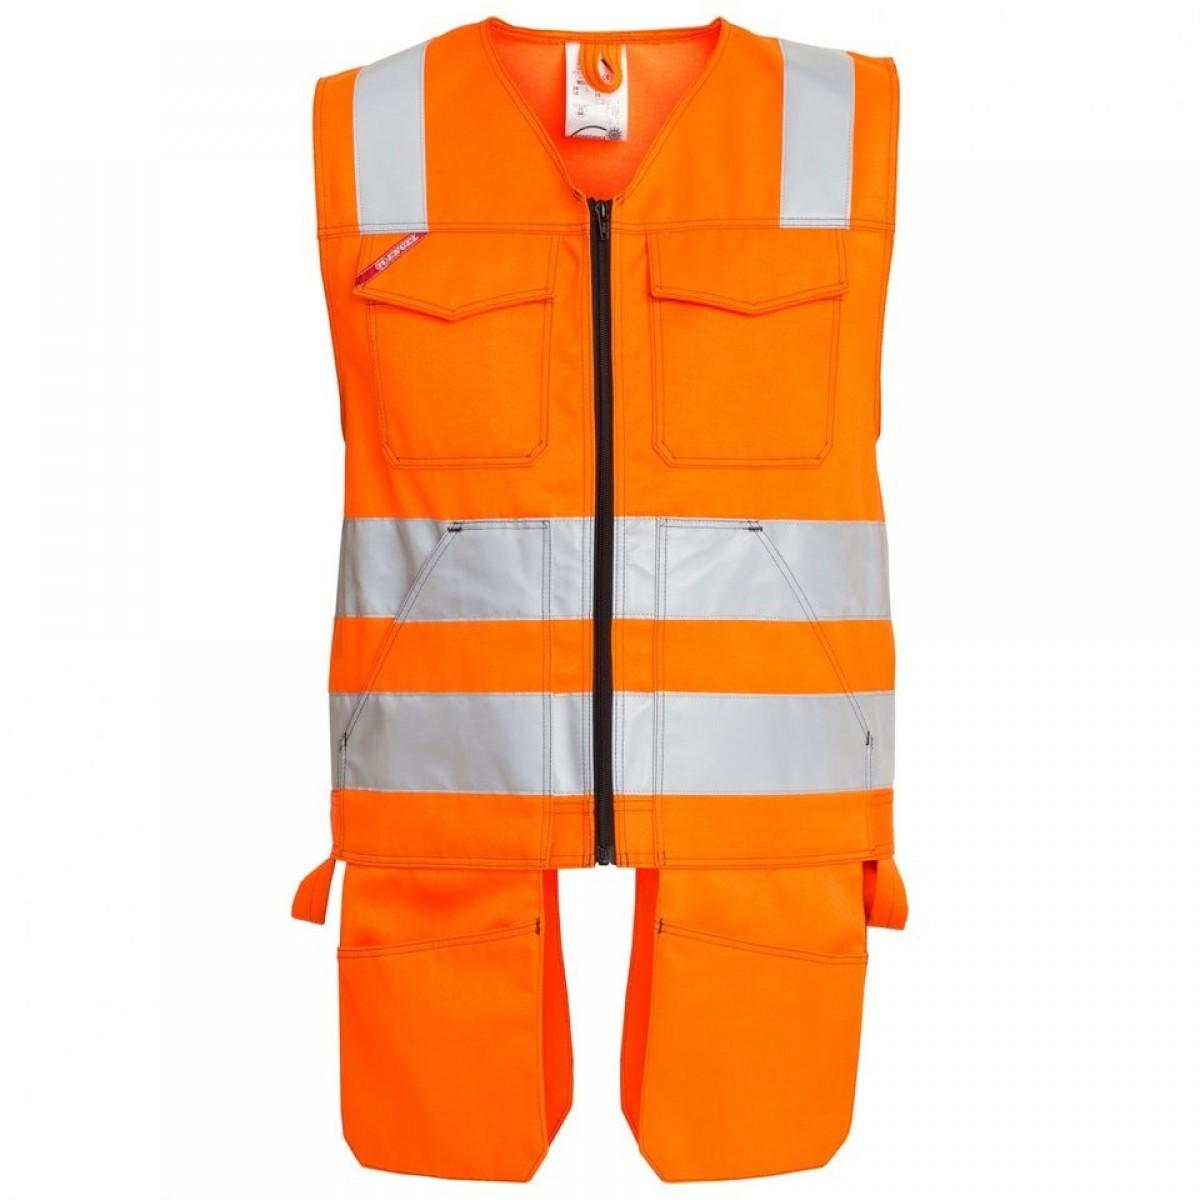 F. Engel Håndværkervest Safety EN ISO 20471-31